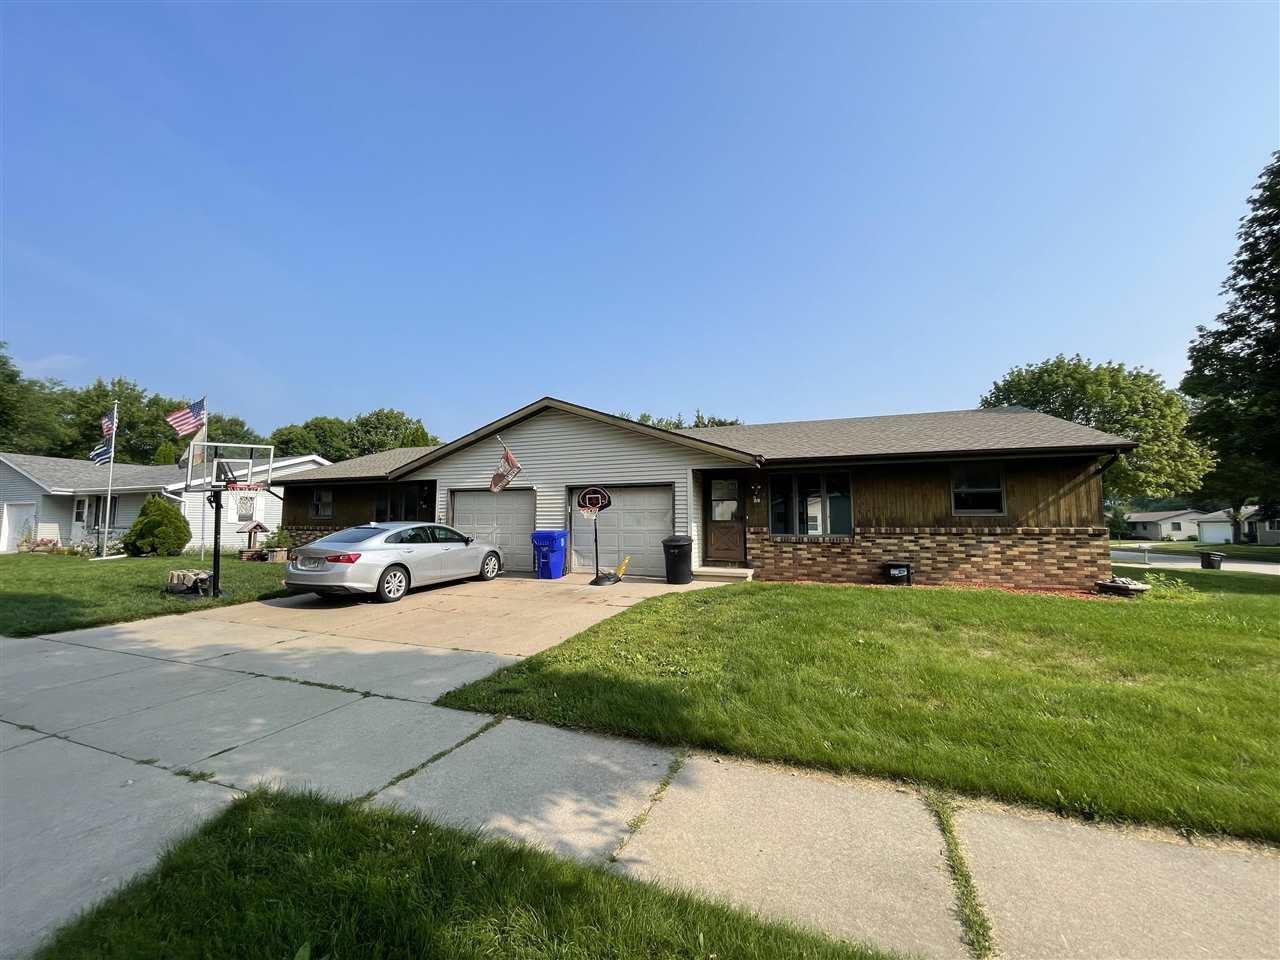 68 WELCOME Circle, Appleton, WI 54915 - MLS#: 50244688